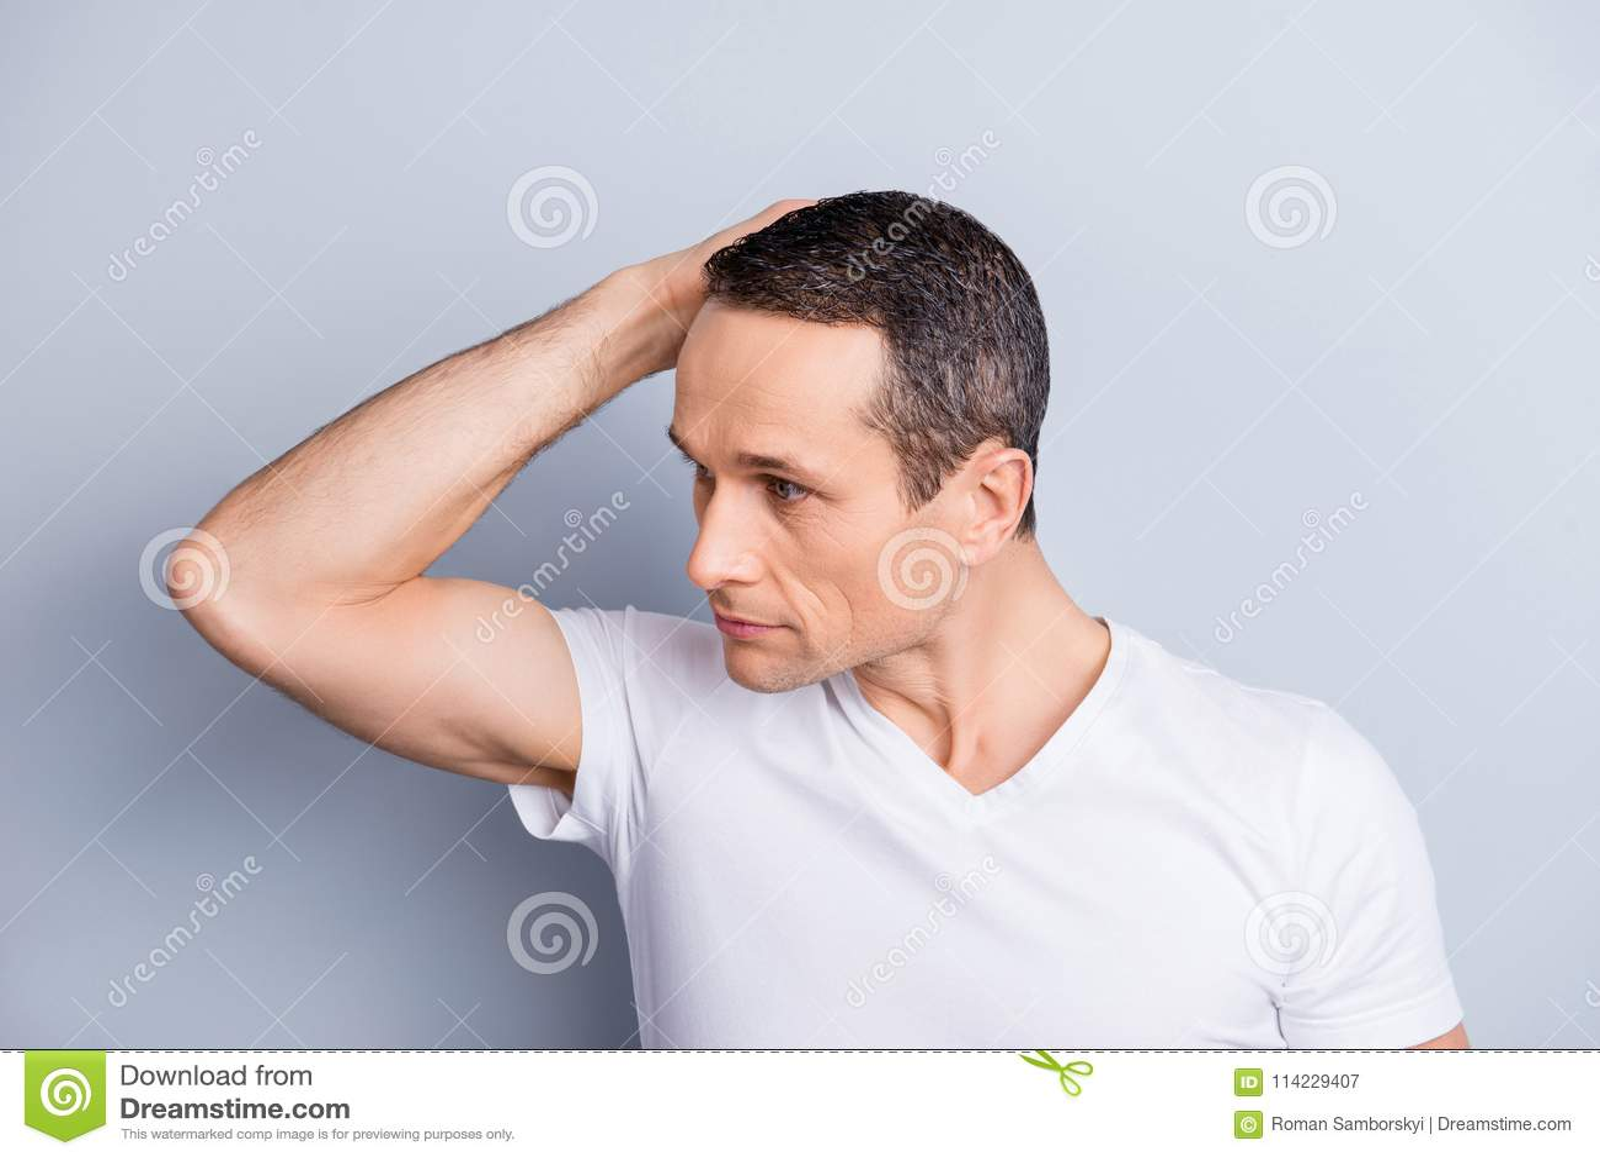 Κατά το ήμισυ γυρισμένο πρόσωπο του καθιερώνοντος τη μόδα, πεπειραμένου, καθιερώνοντος τη μόδα, τακτοποιημένου, μοντέρνου μ